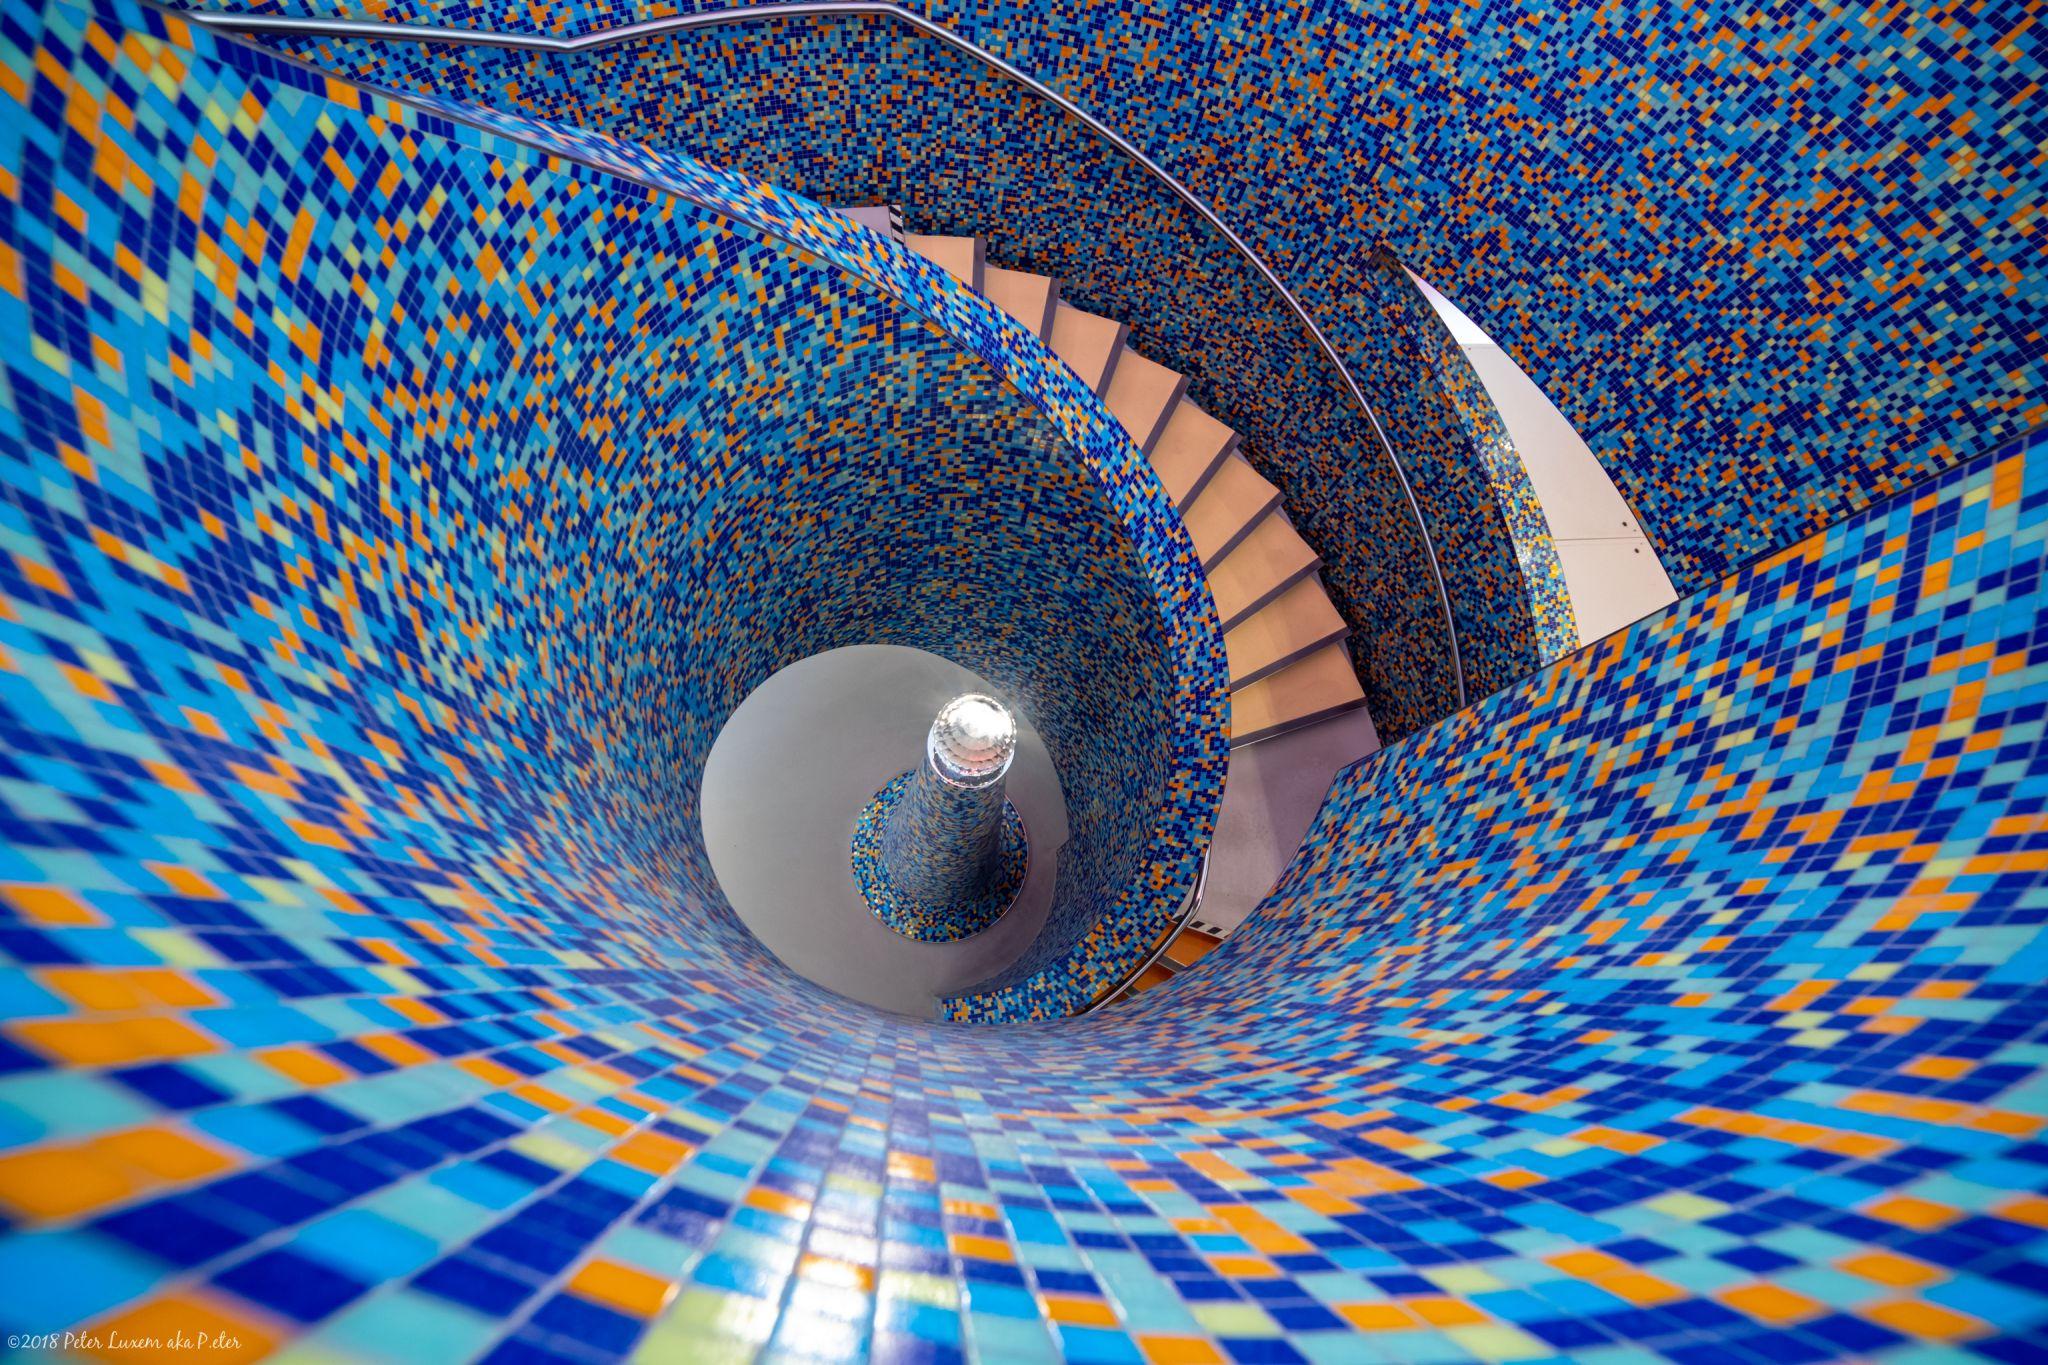 Inside the Groninger Museum of Modern Art, Netherlands